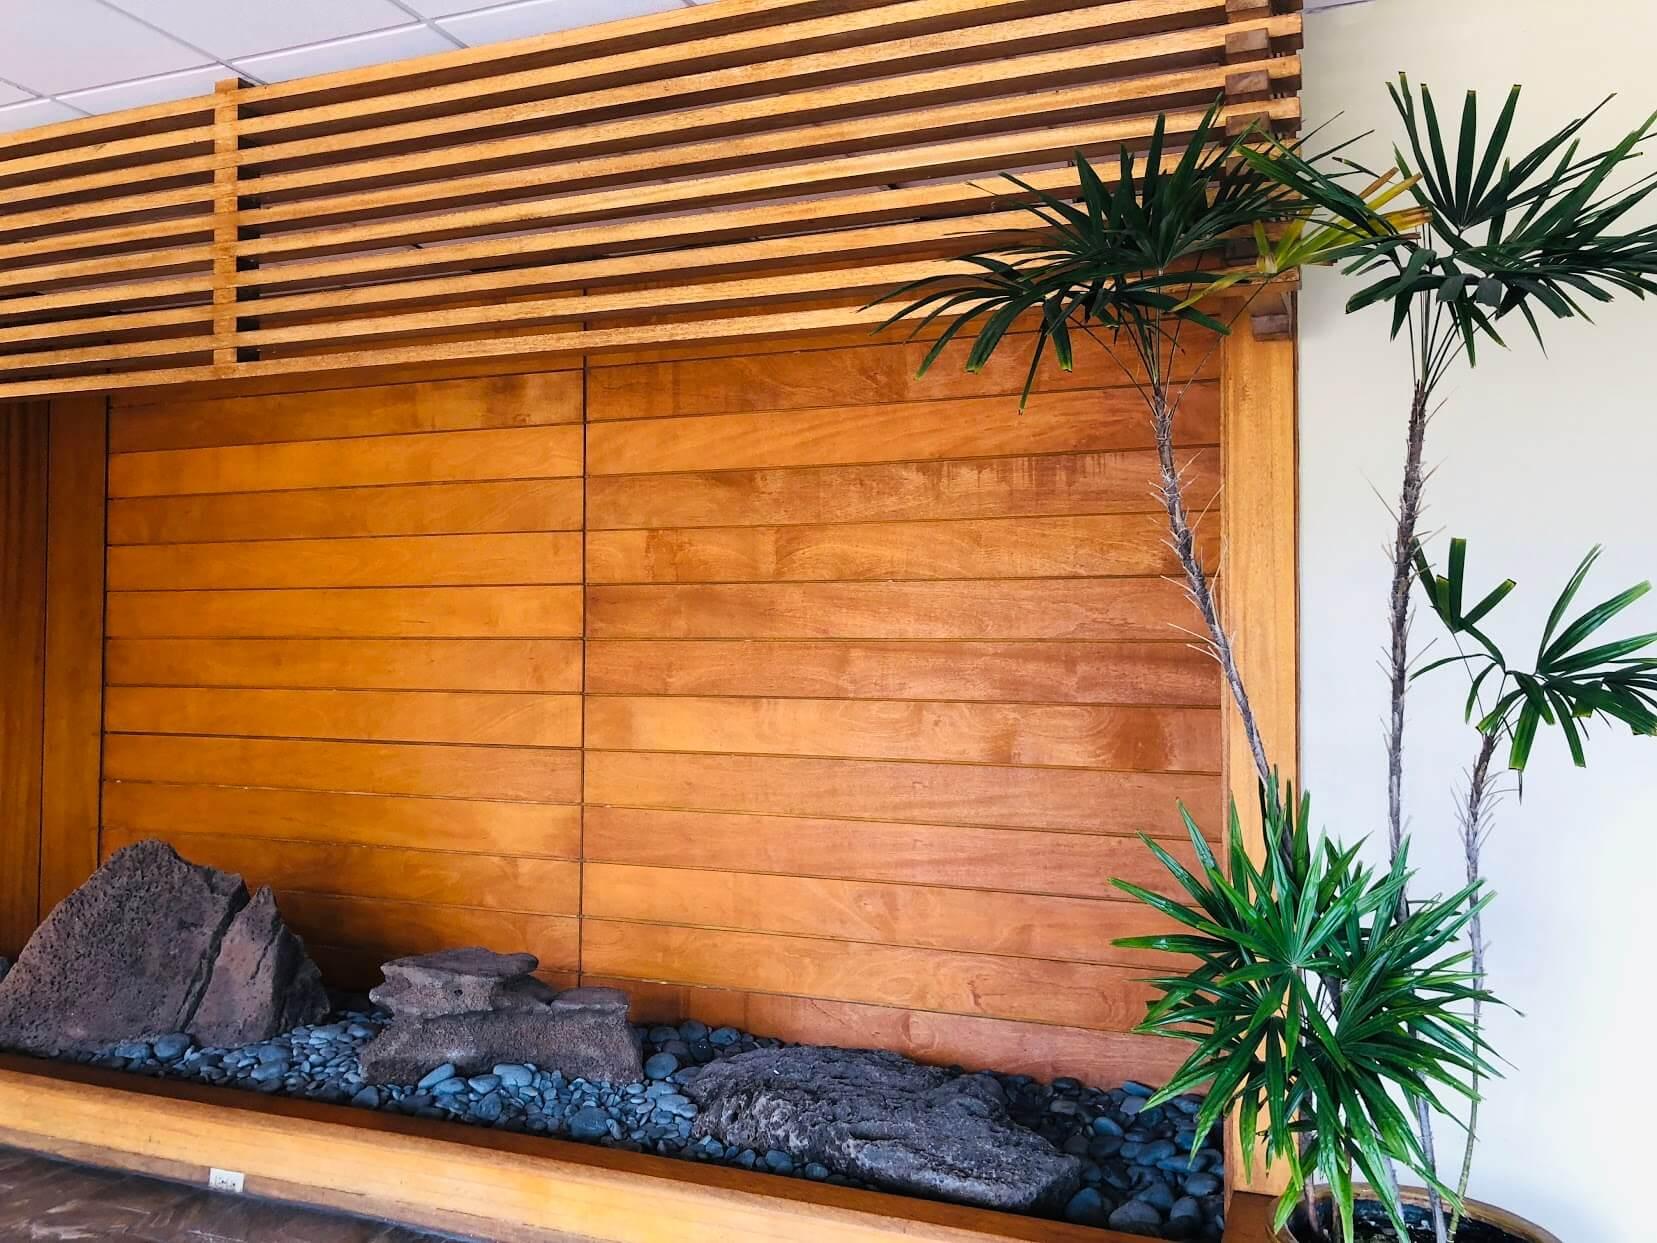 Naniwa Gardensの壁